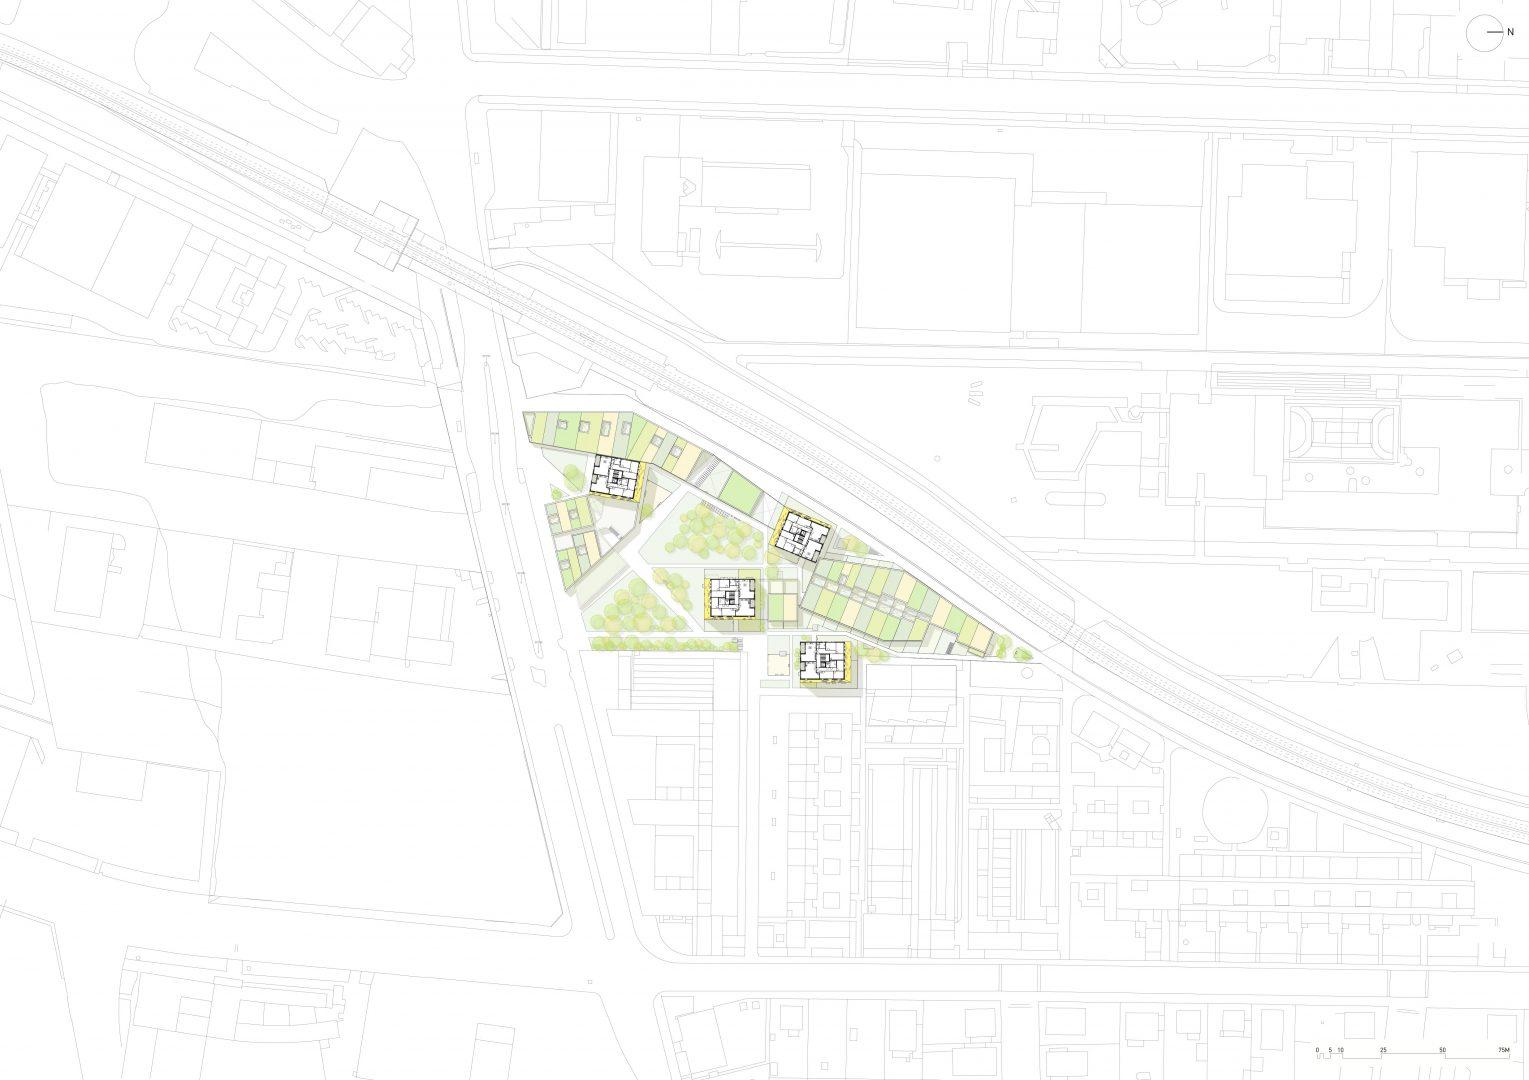 1_Perfektastrasse_Vienna_site plan